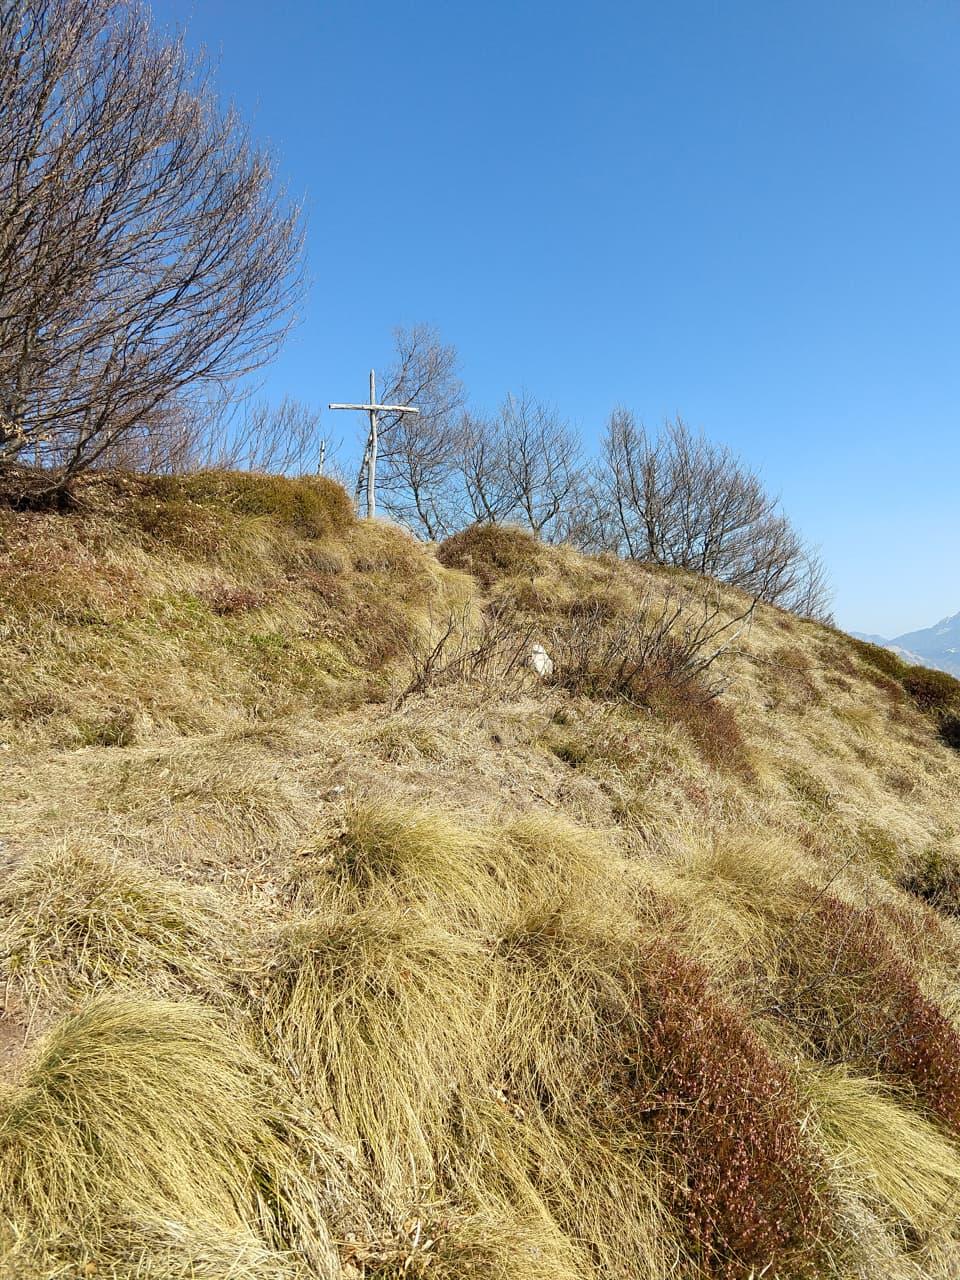 Ed ecco la piccola Croce in legno del Monte Breda, mancano solo pochi passi